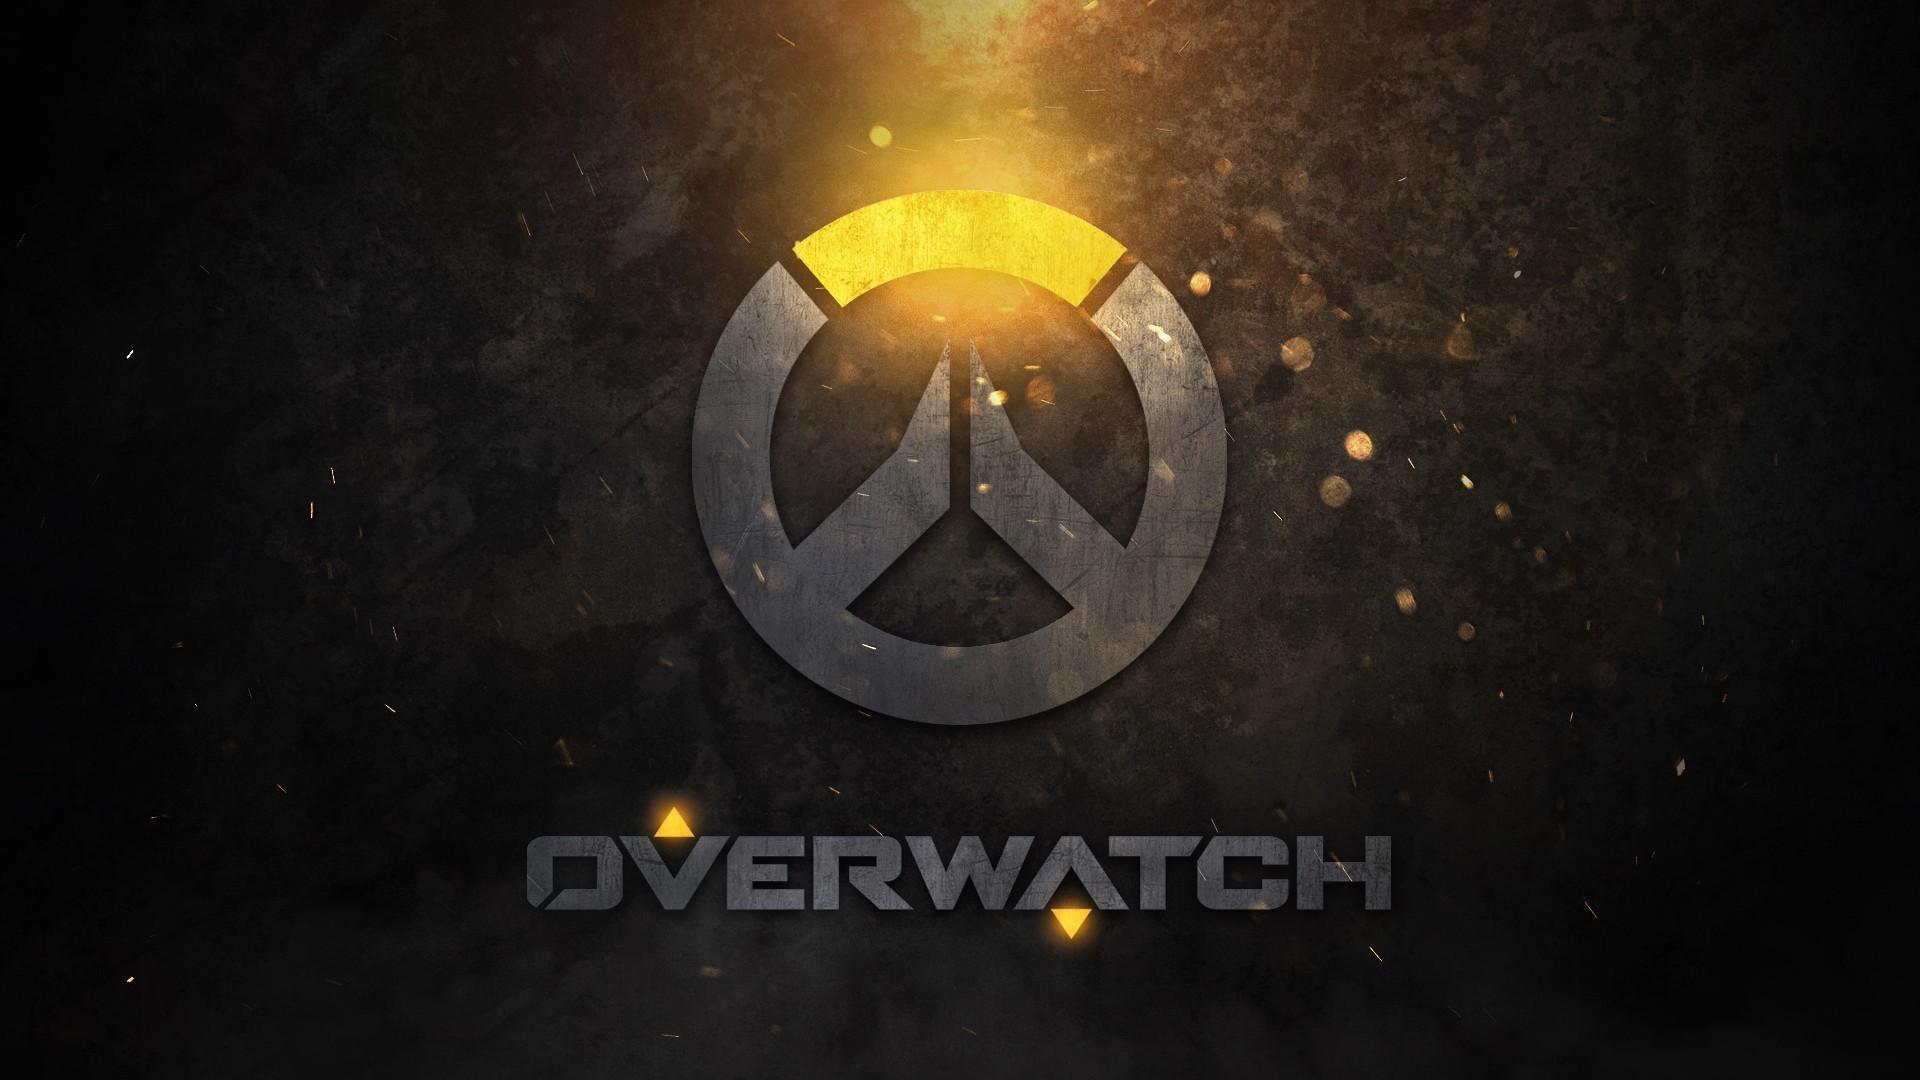 Overwatch Logo Wallpapers.